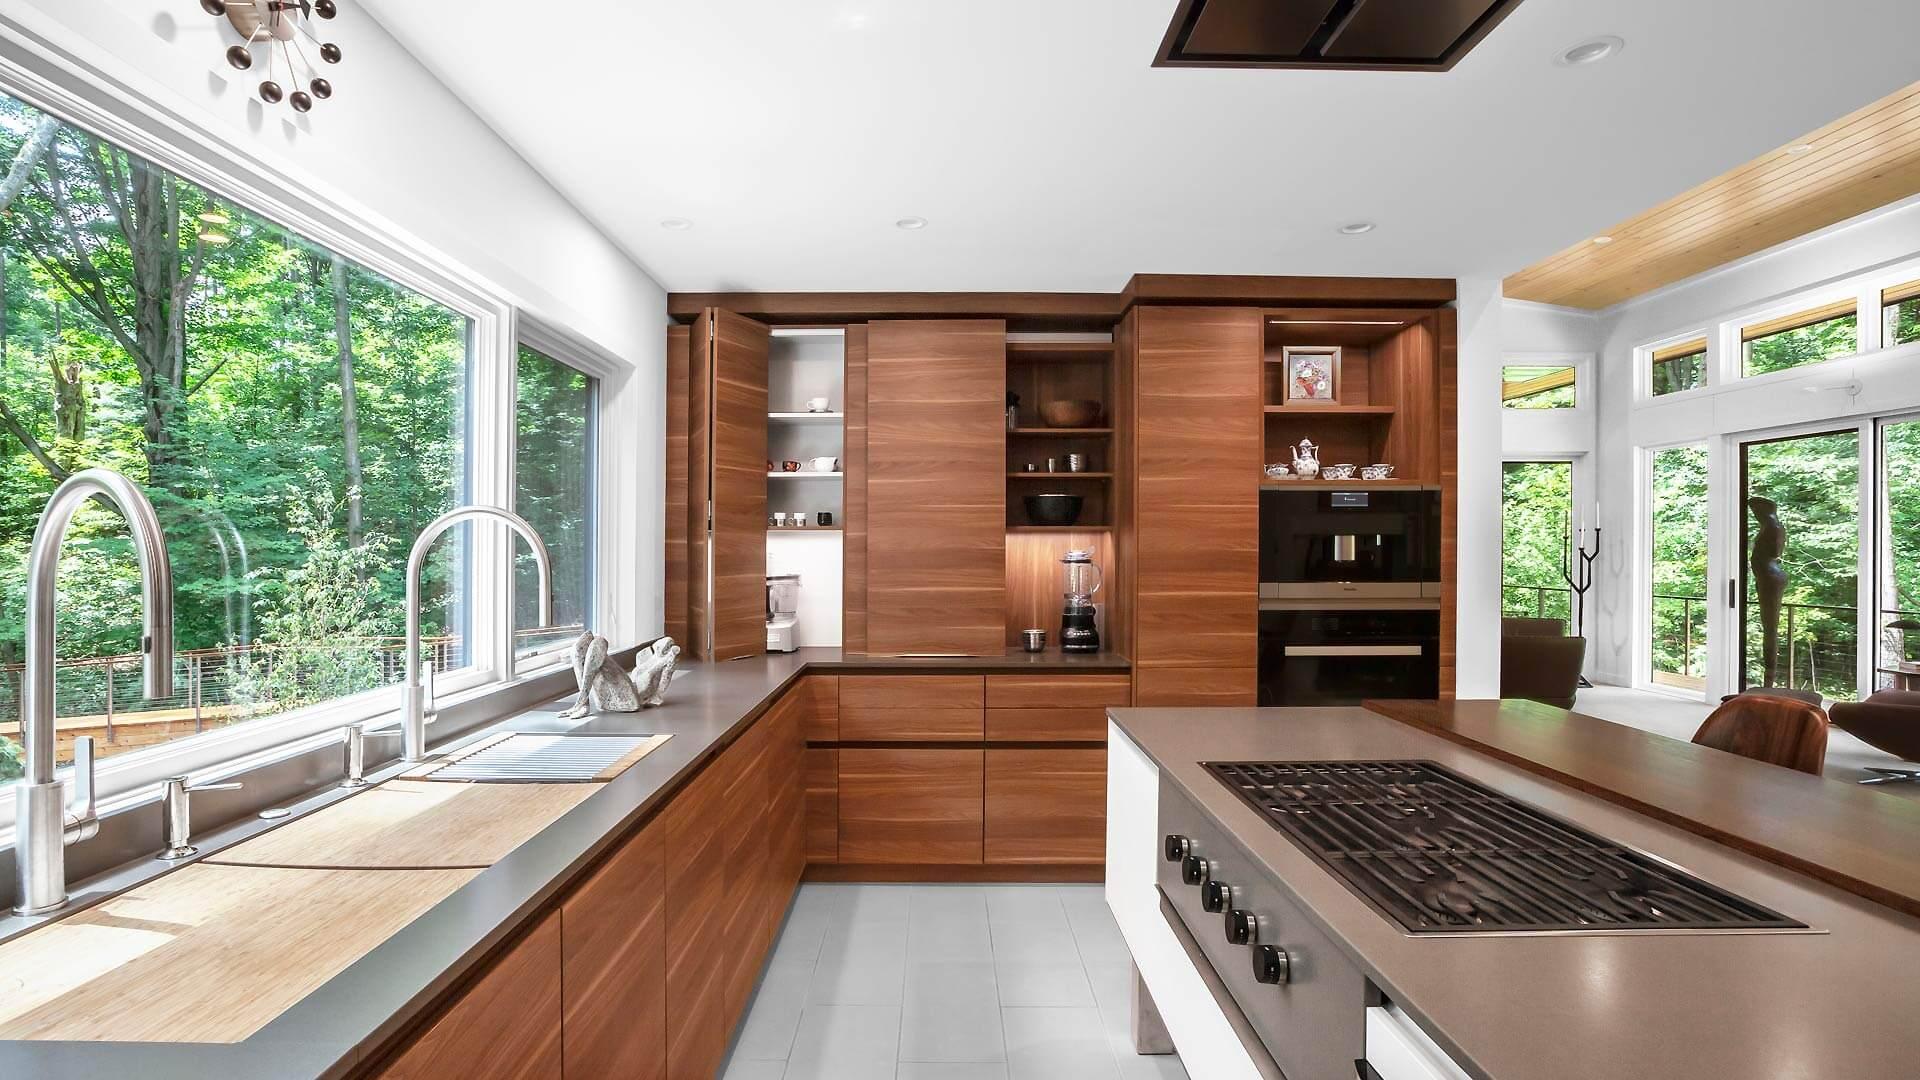 Modern Kitchen - Bridge House - Fenneville, Michigan - Lake Michigan - Saugatuck, Michigan - Douglas, Michigan